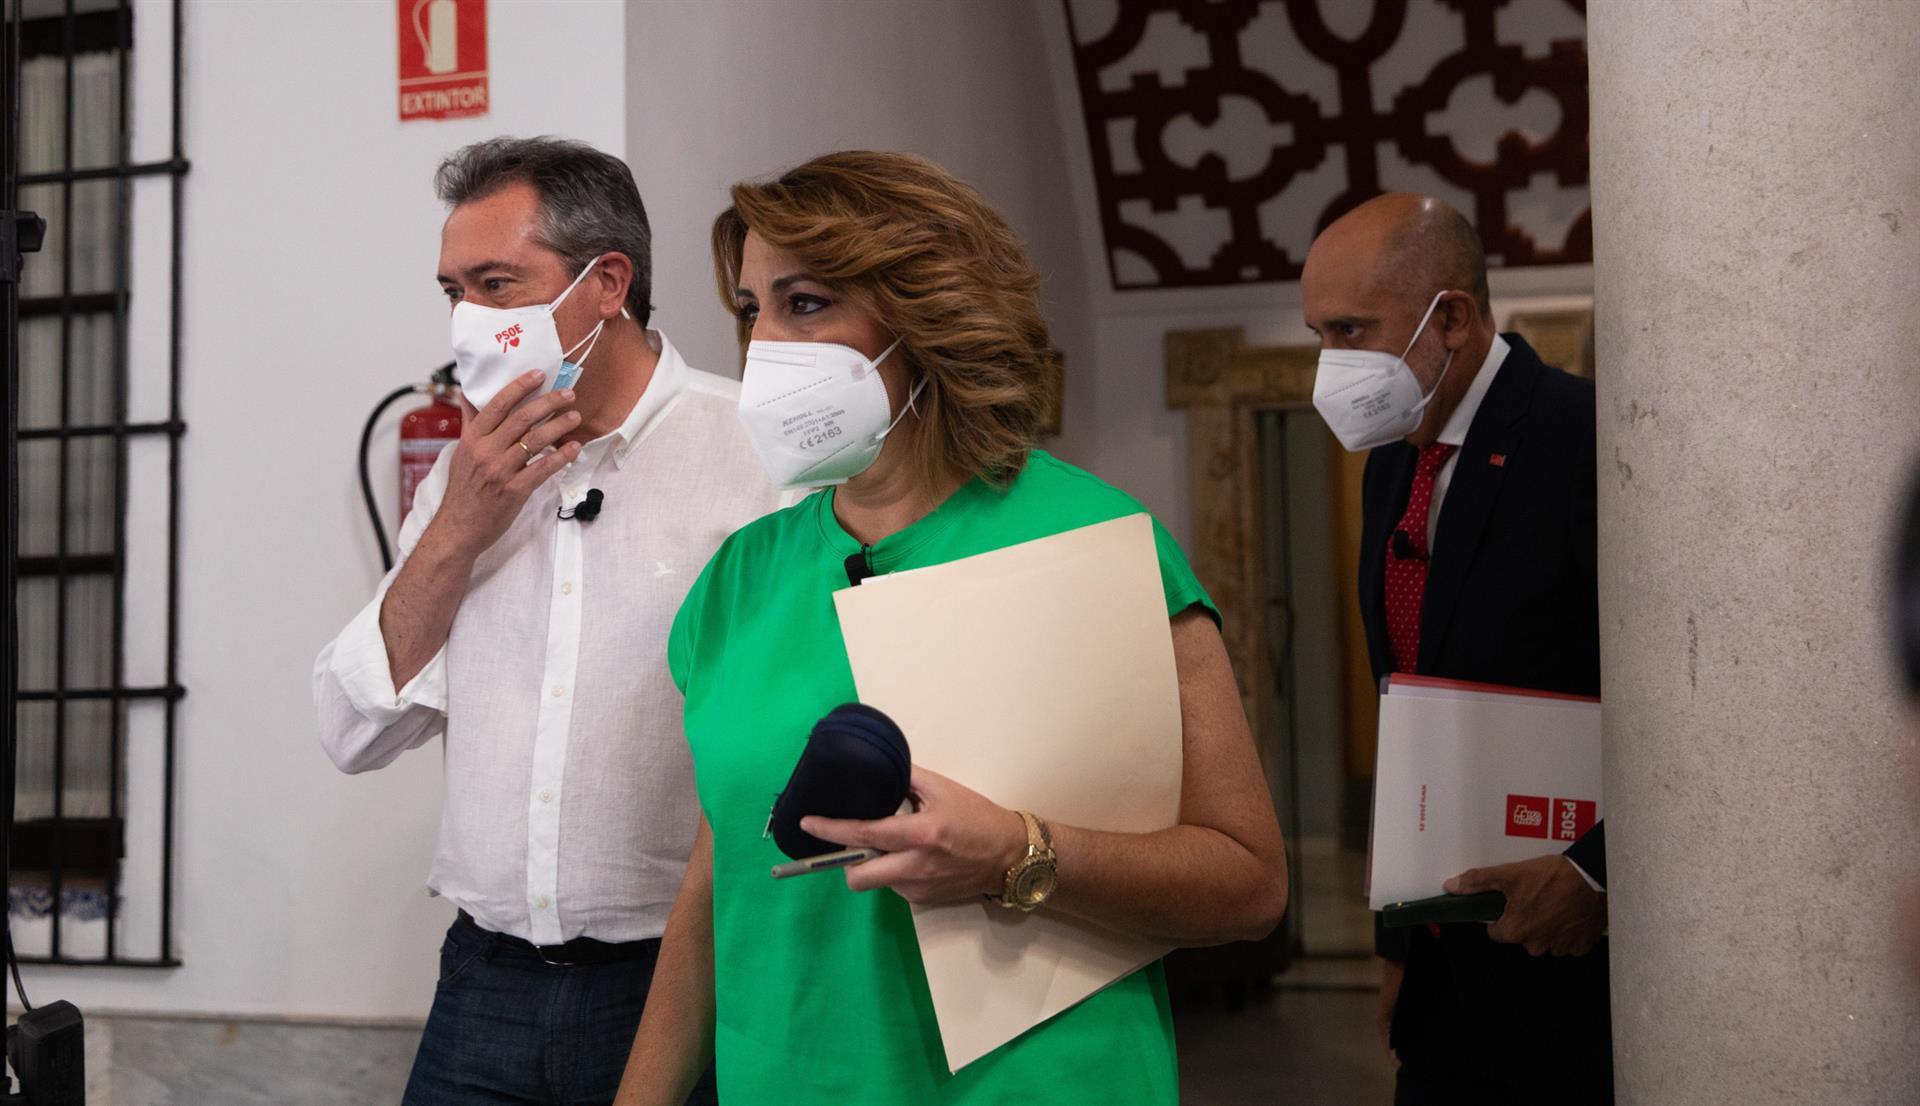 El 49% de los votantes del PSOE-A prefiere a Espadas como candidato a la Junta y el 43% a Susana Díaz, según un sondeo